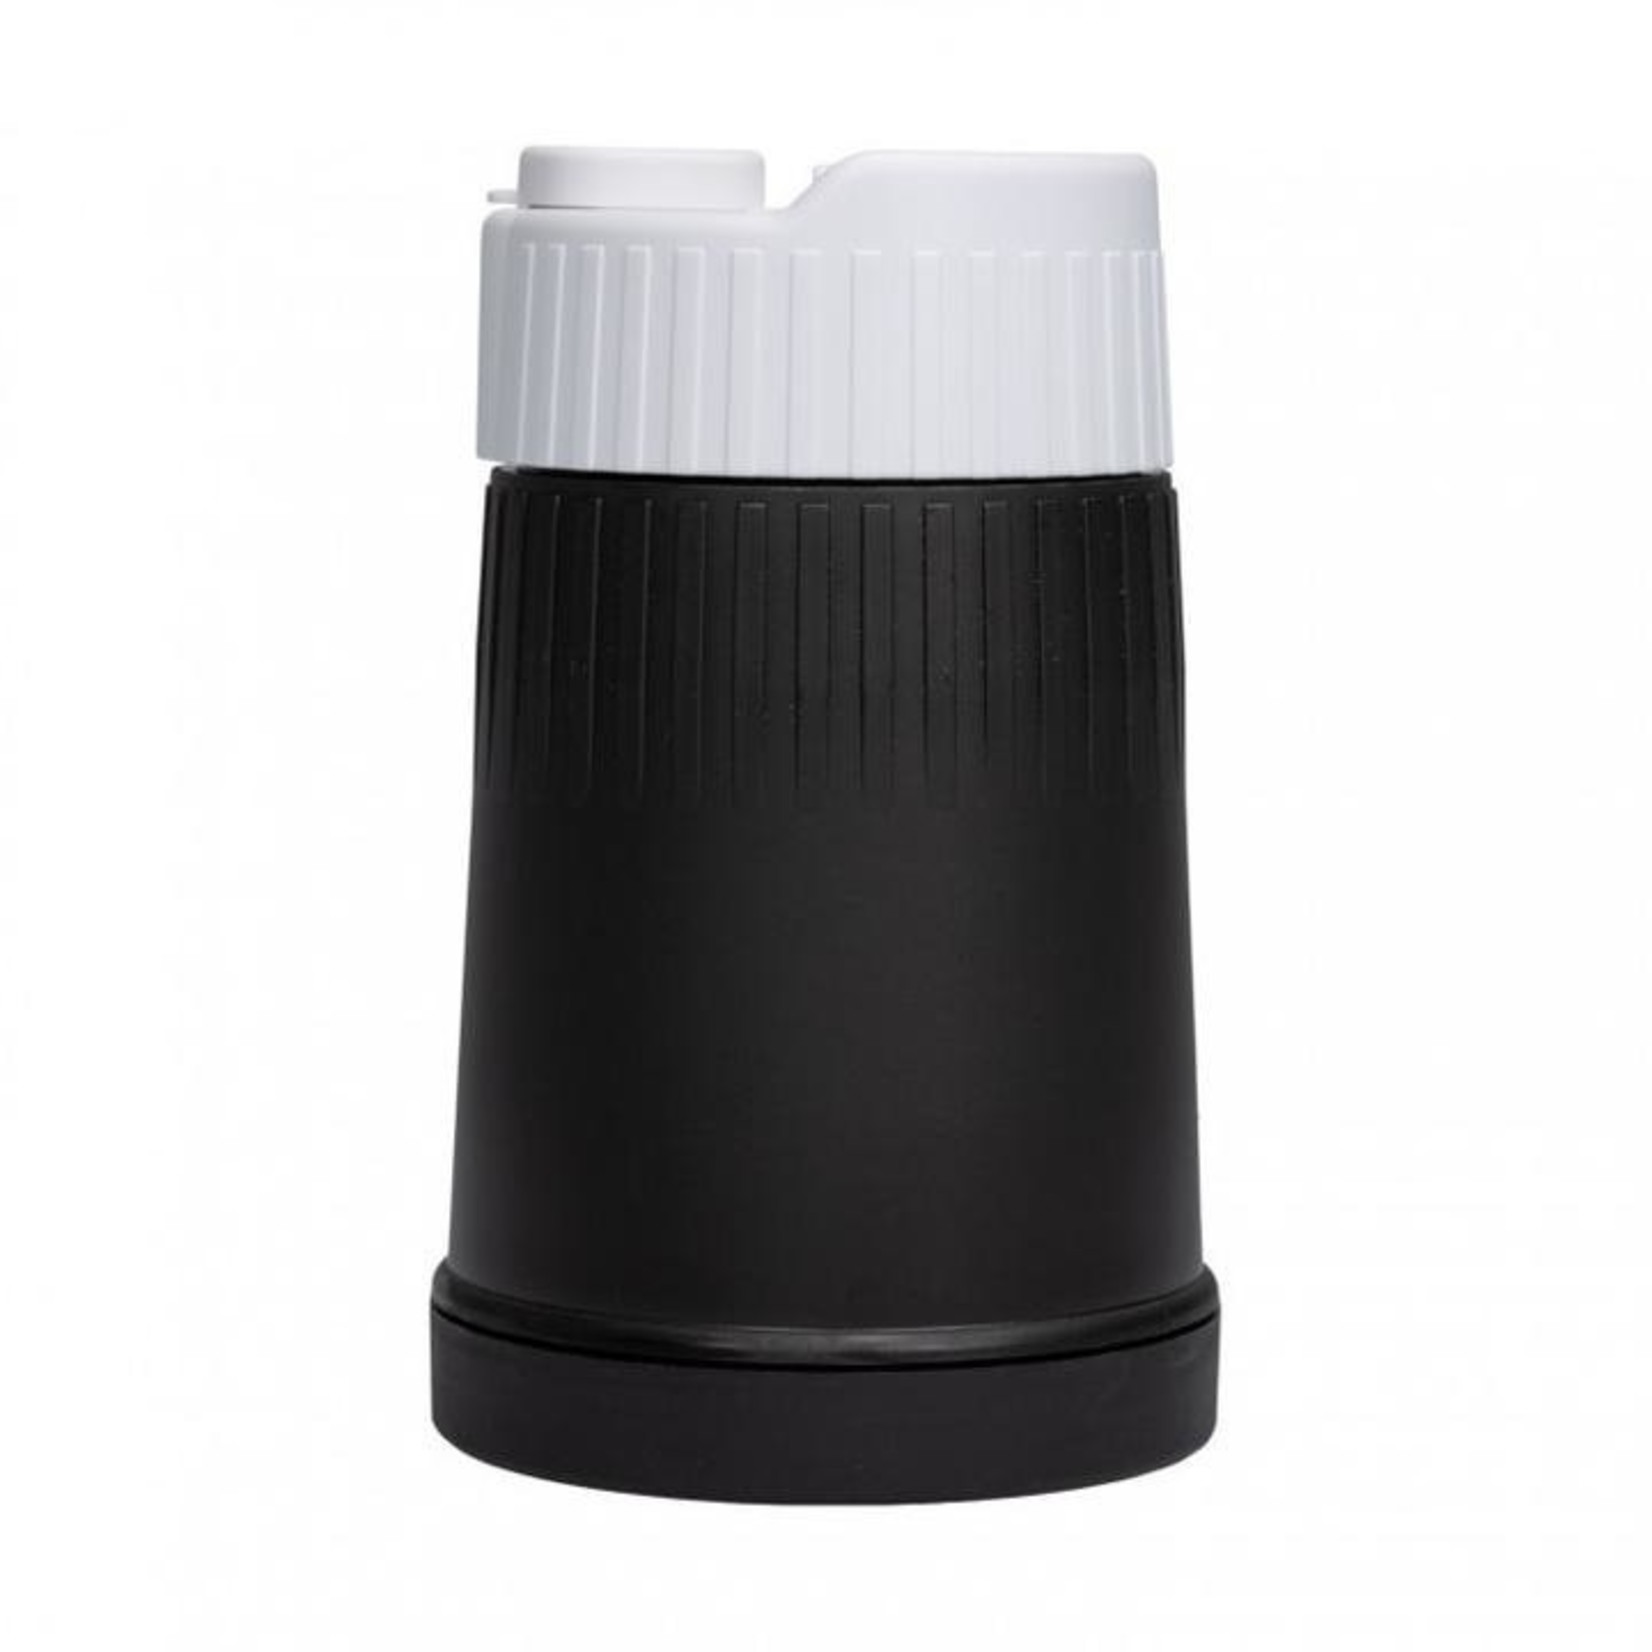 Philley Philley Melkpoederverdeler Limited edition Black 3.0